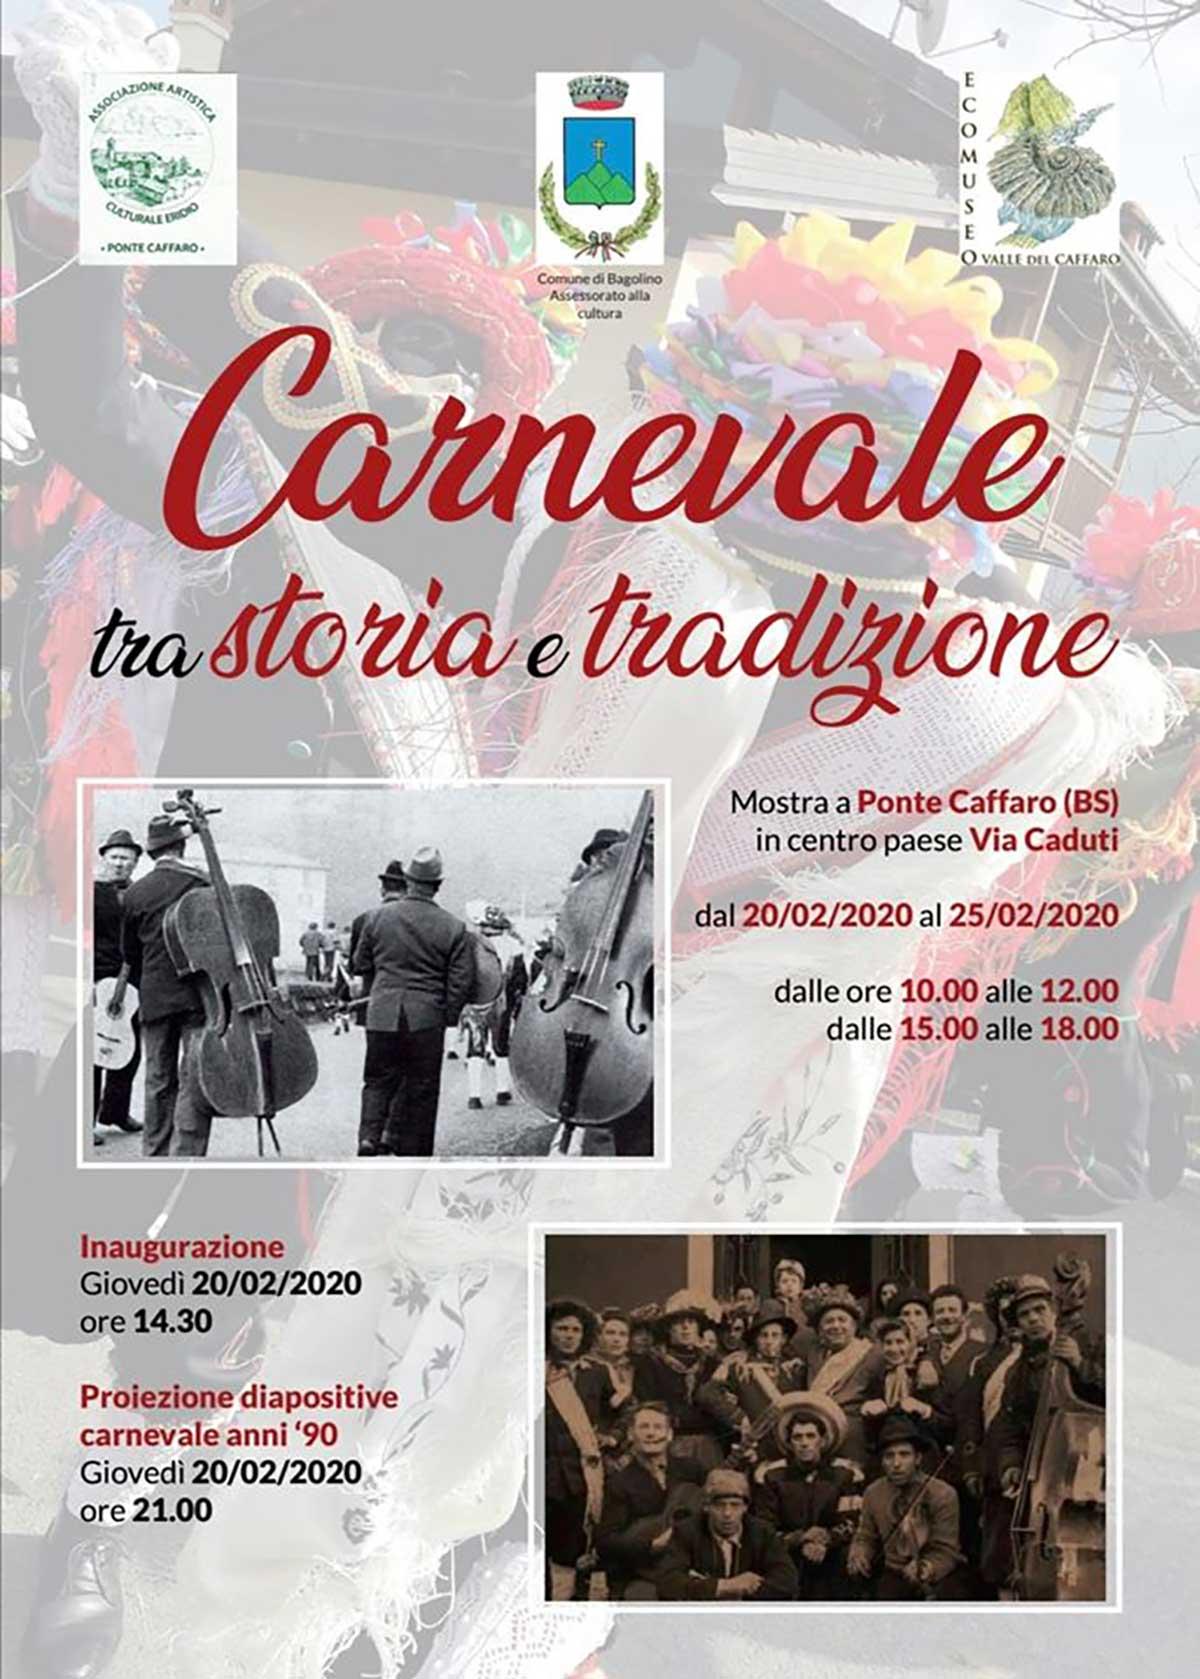 carnevale-tra-storia-tradizione-ponte-caffaro-2020